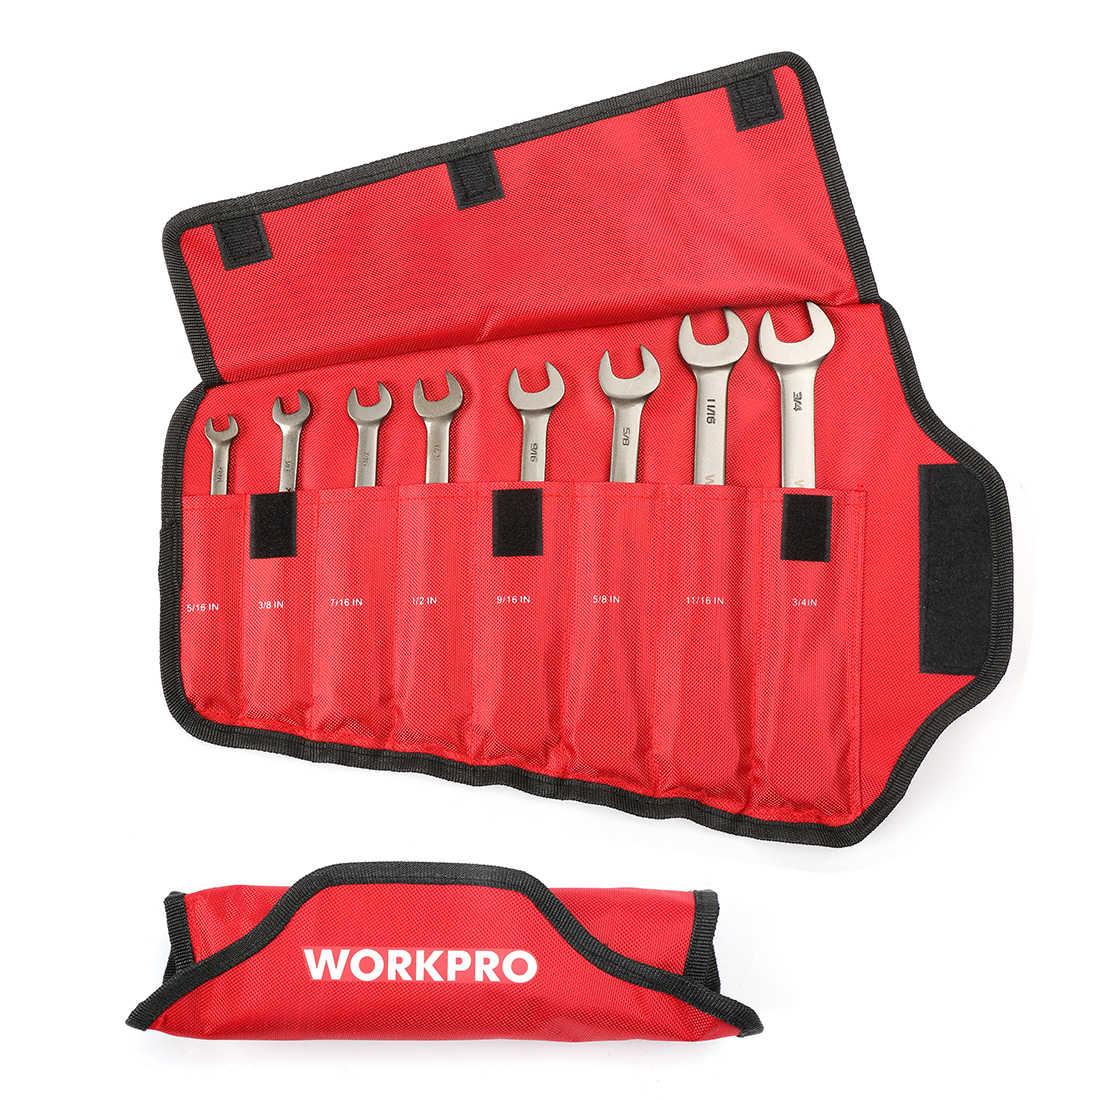 WORKPRO 8 قطعة مجموعة مفاتيح ربط الرأس المرن مجموعة مفاتيح الربط متري/SAE اسئلة المفكات مجموعة أدوات إصلاح السيارات